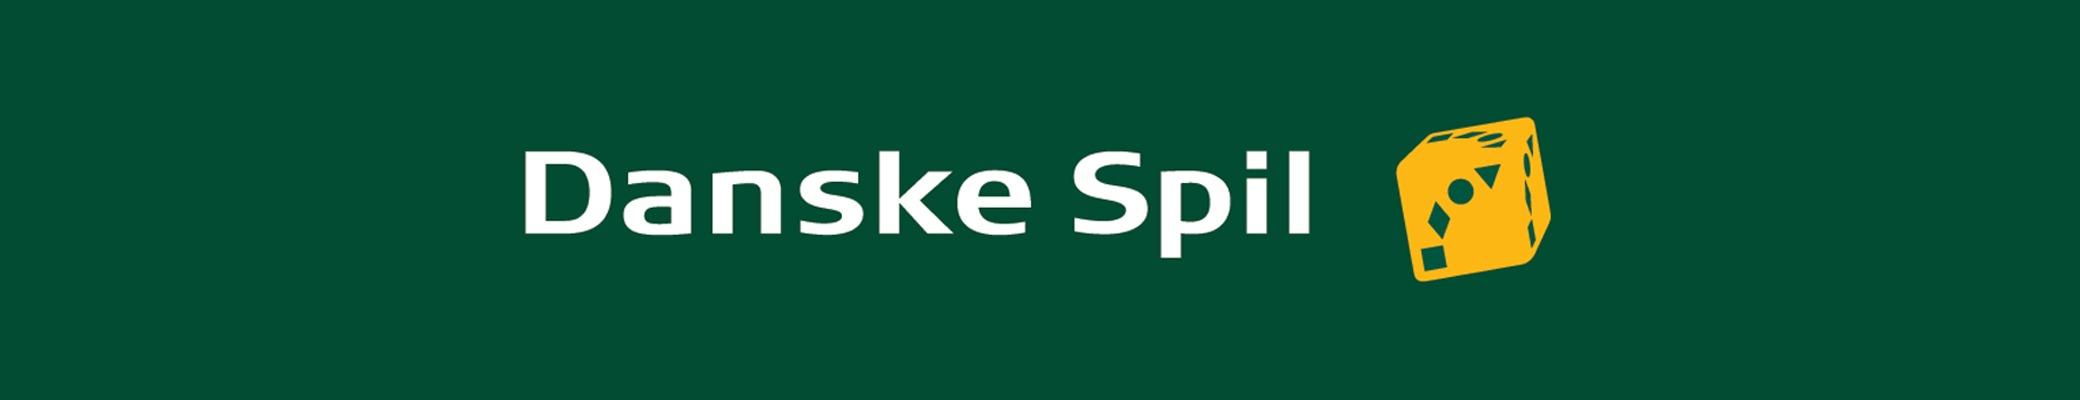 Danske Spil odds banner grønt og hvidt med logo 2080 x 400